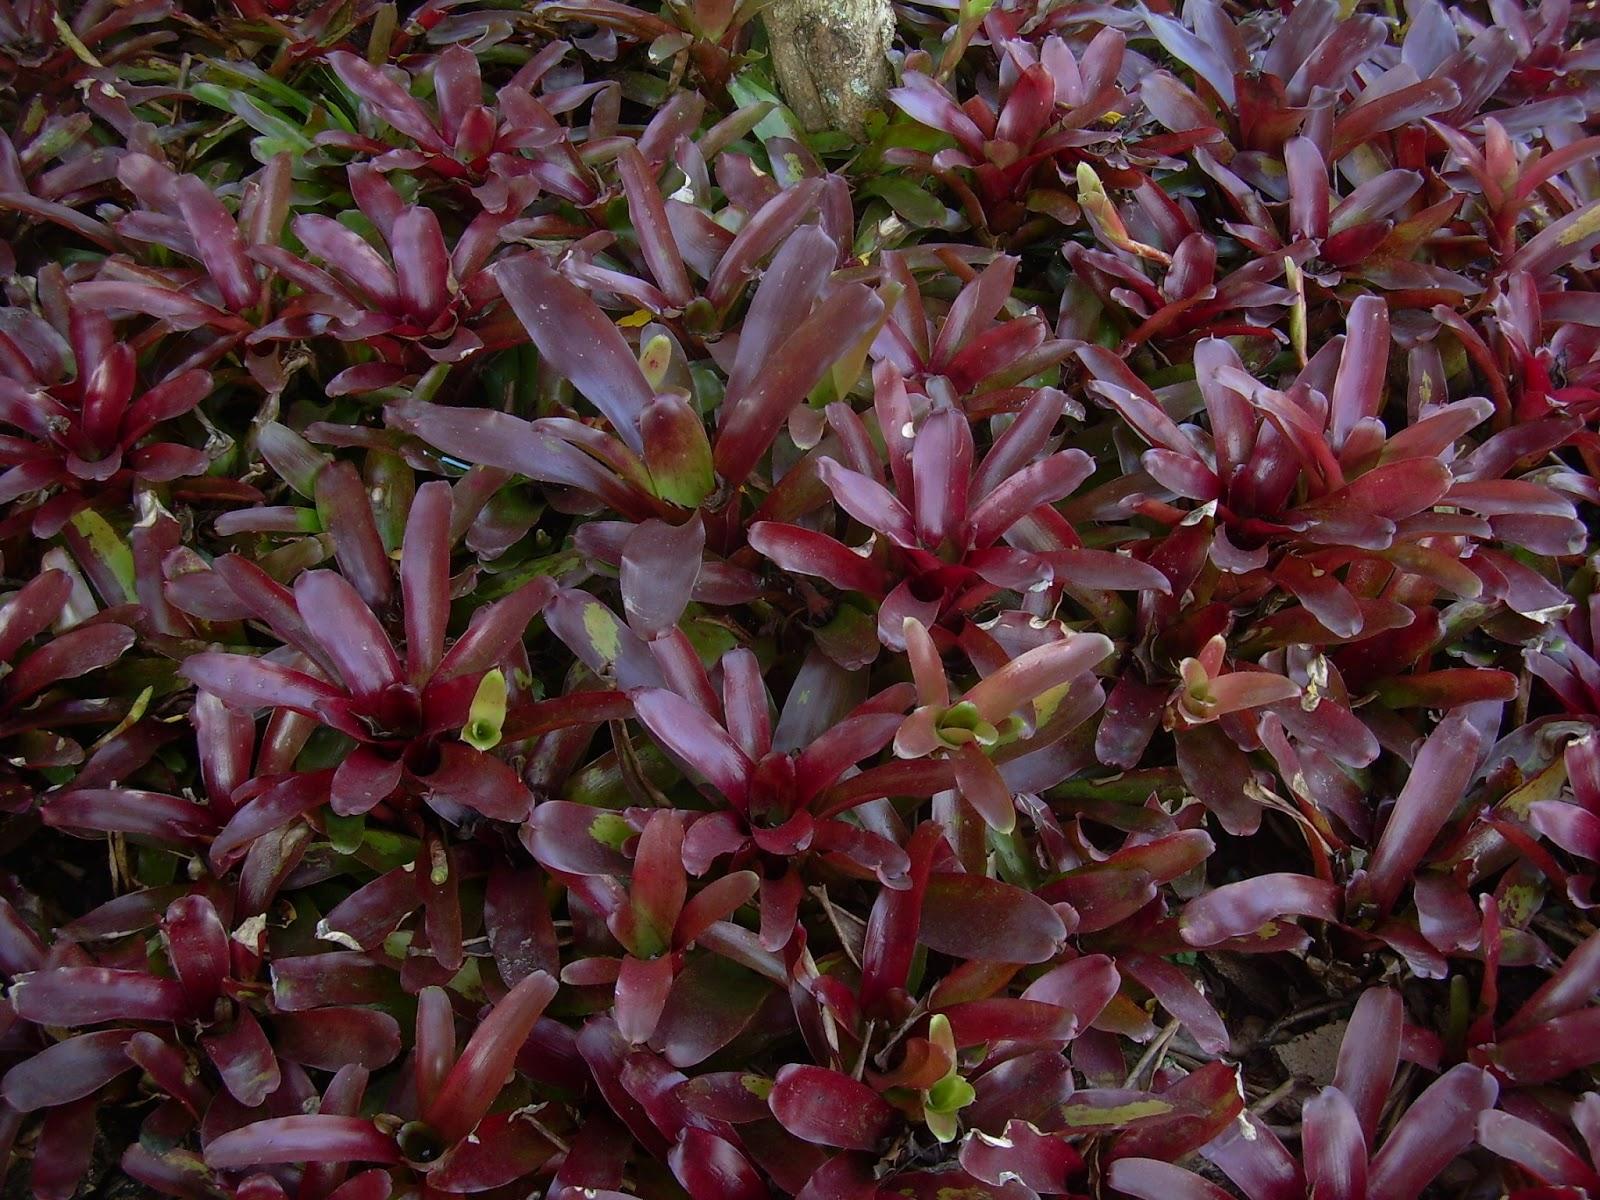 jardins plantas rasteiras:Maria da Saudade: FORRAÇÕES PARA JARDINS E VASOS